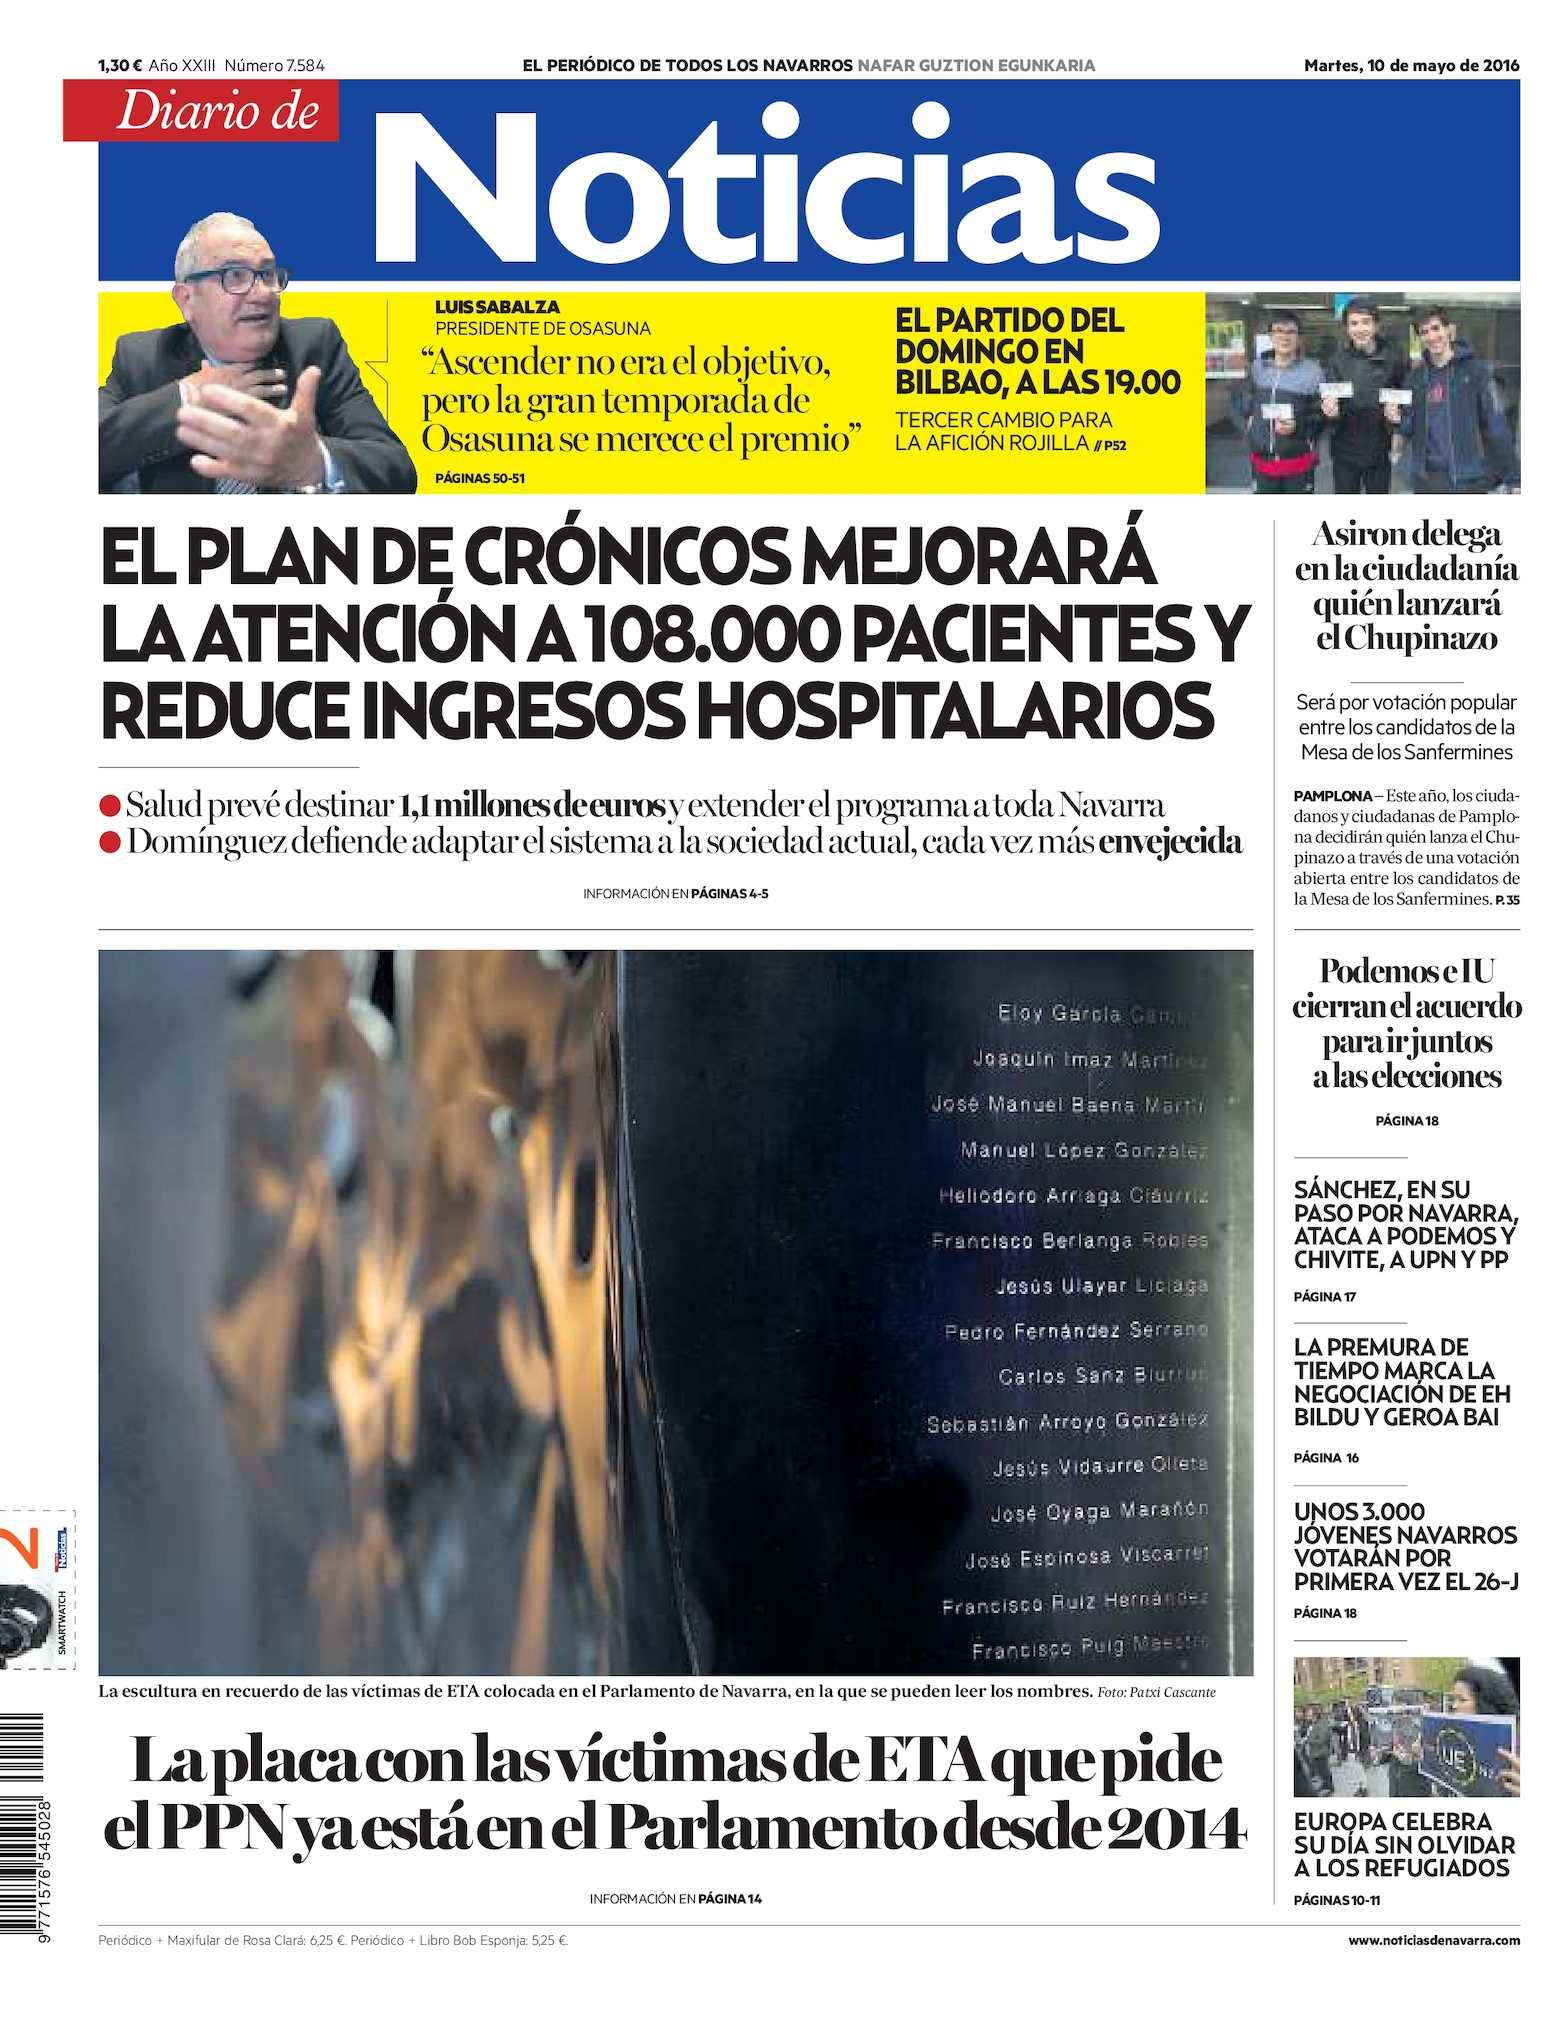 Calaméo - Diario de Noticias 20160510